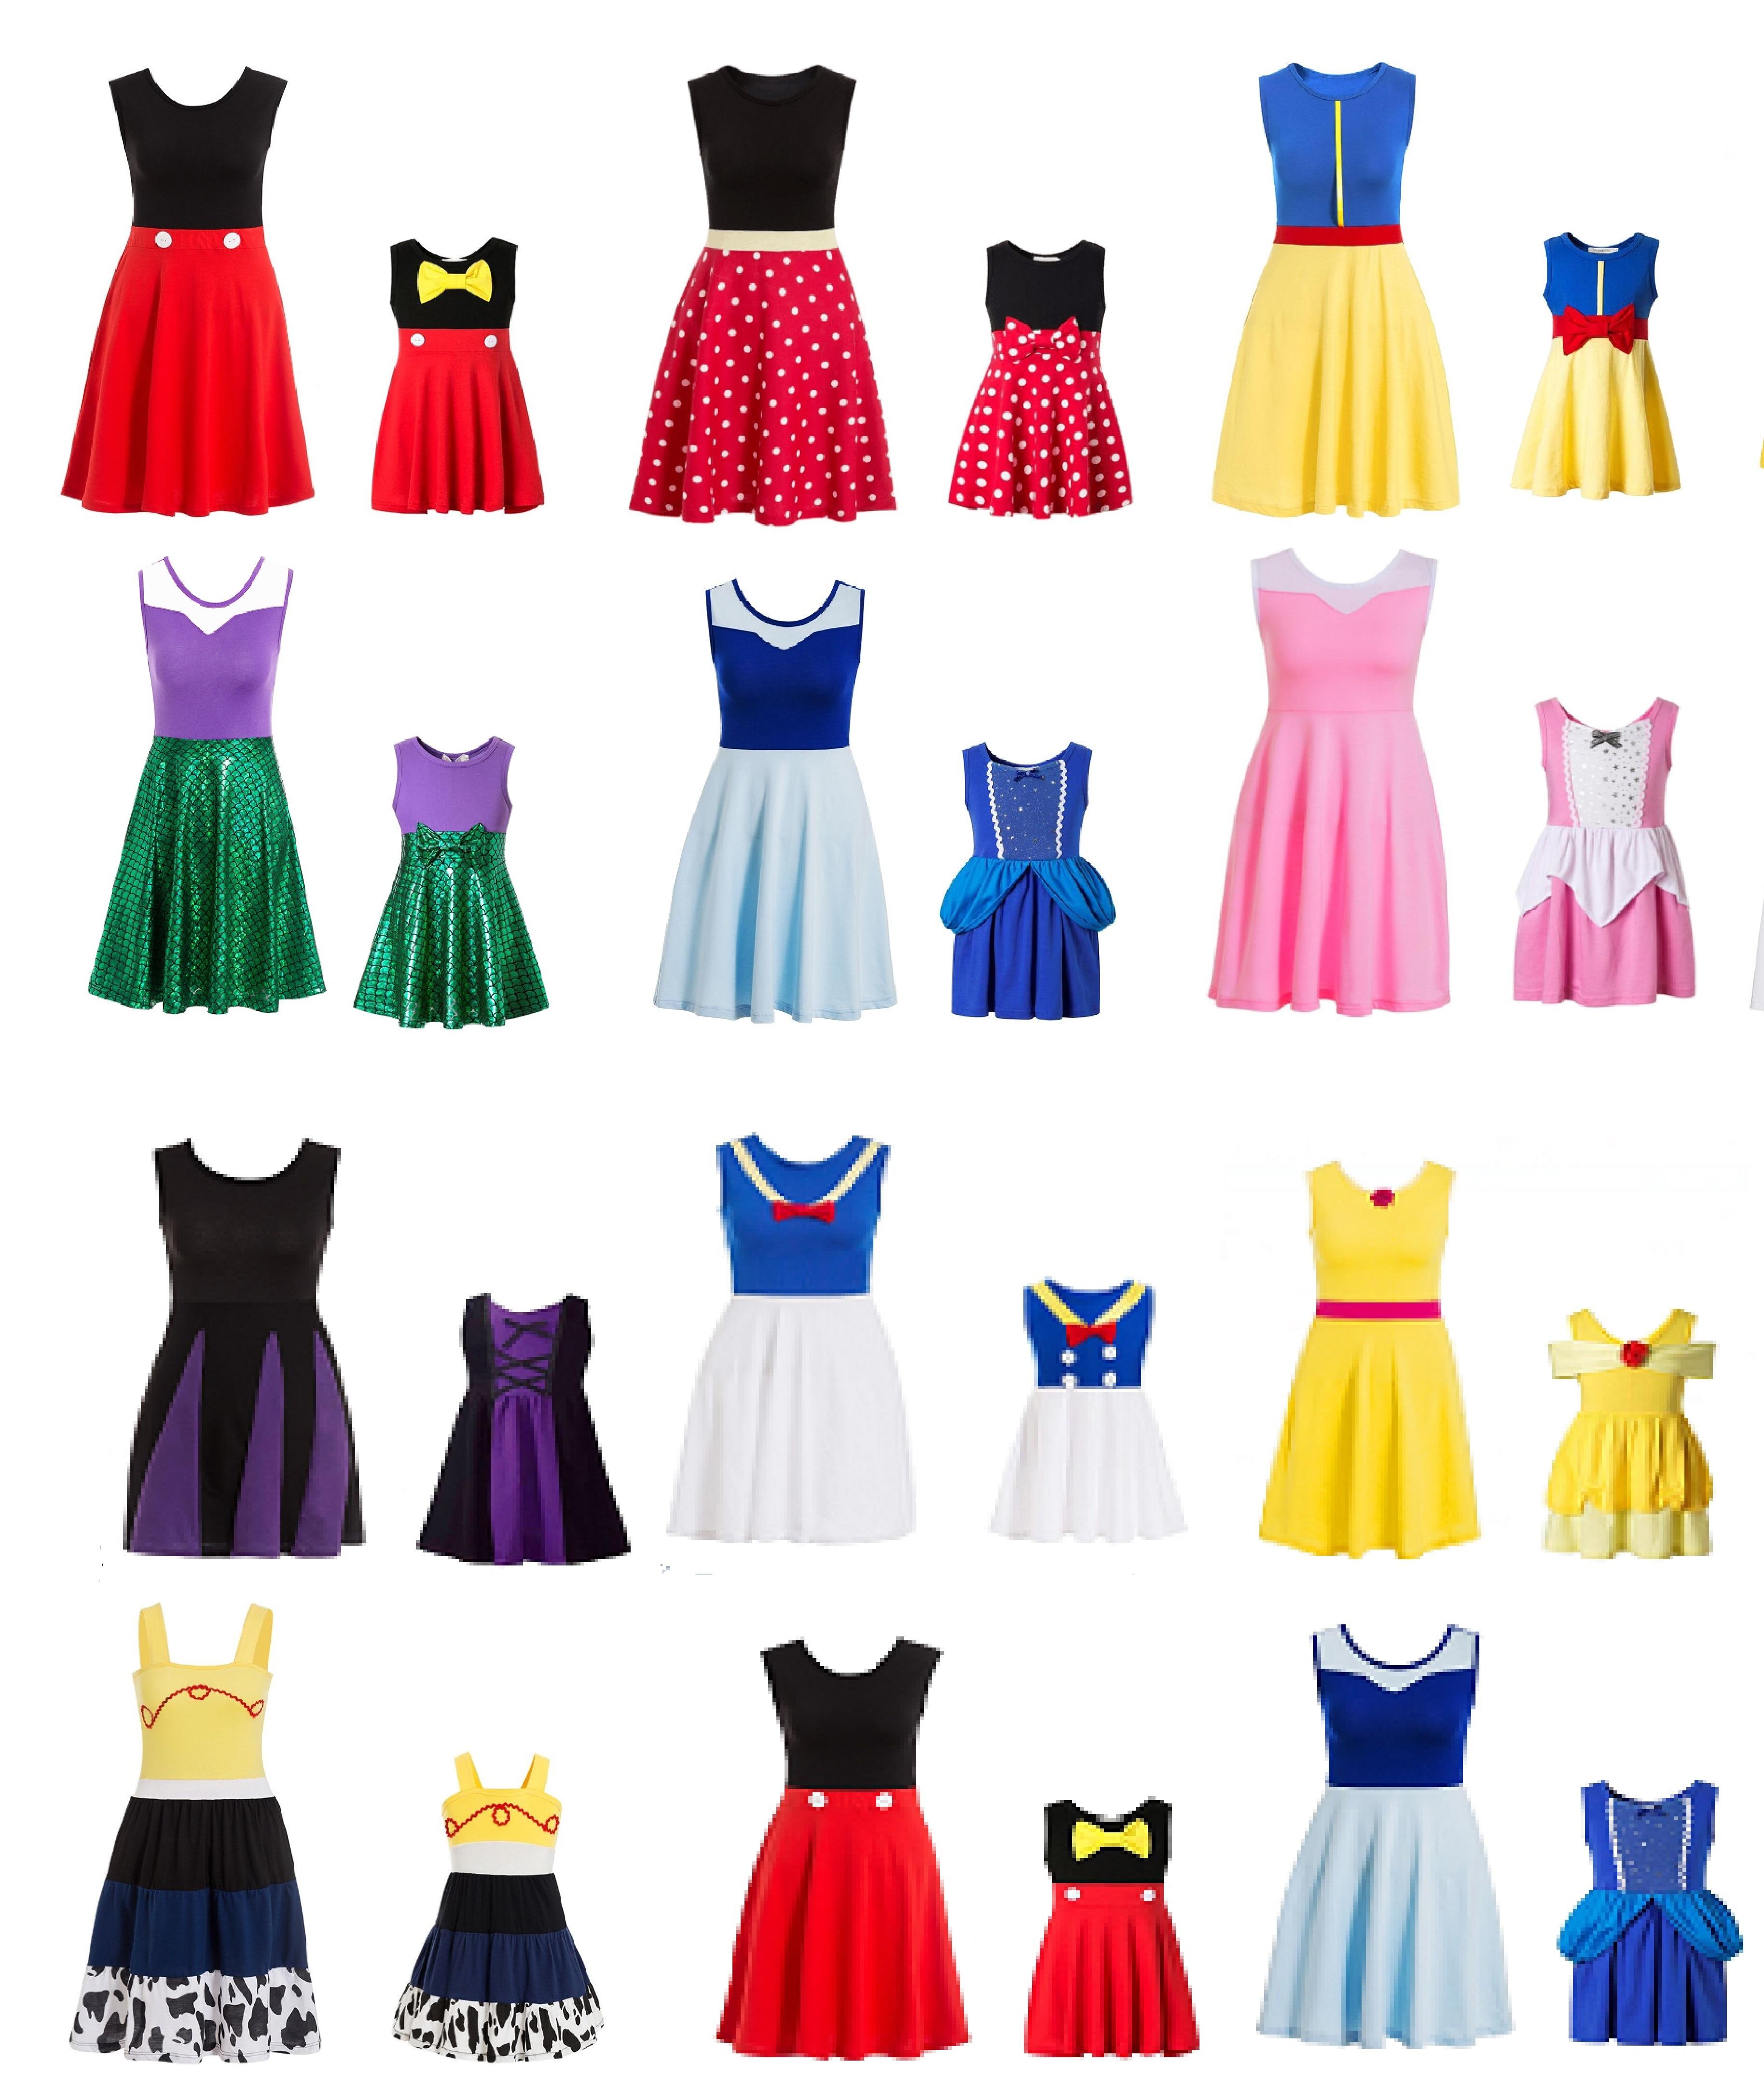 Erwachsene Größe Mama Prinzessin Kleid Minnie Mama und Mich Passenden Familie cosplay Plus größe Kostüm frauen prinzessin kleid polka punkte